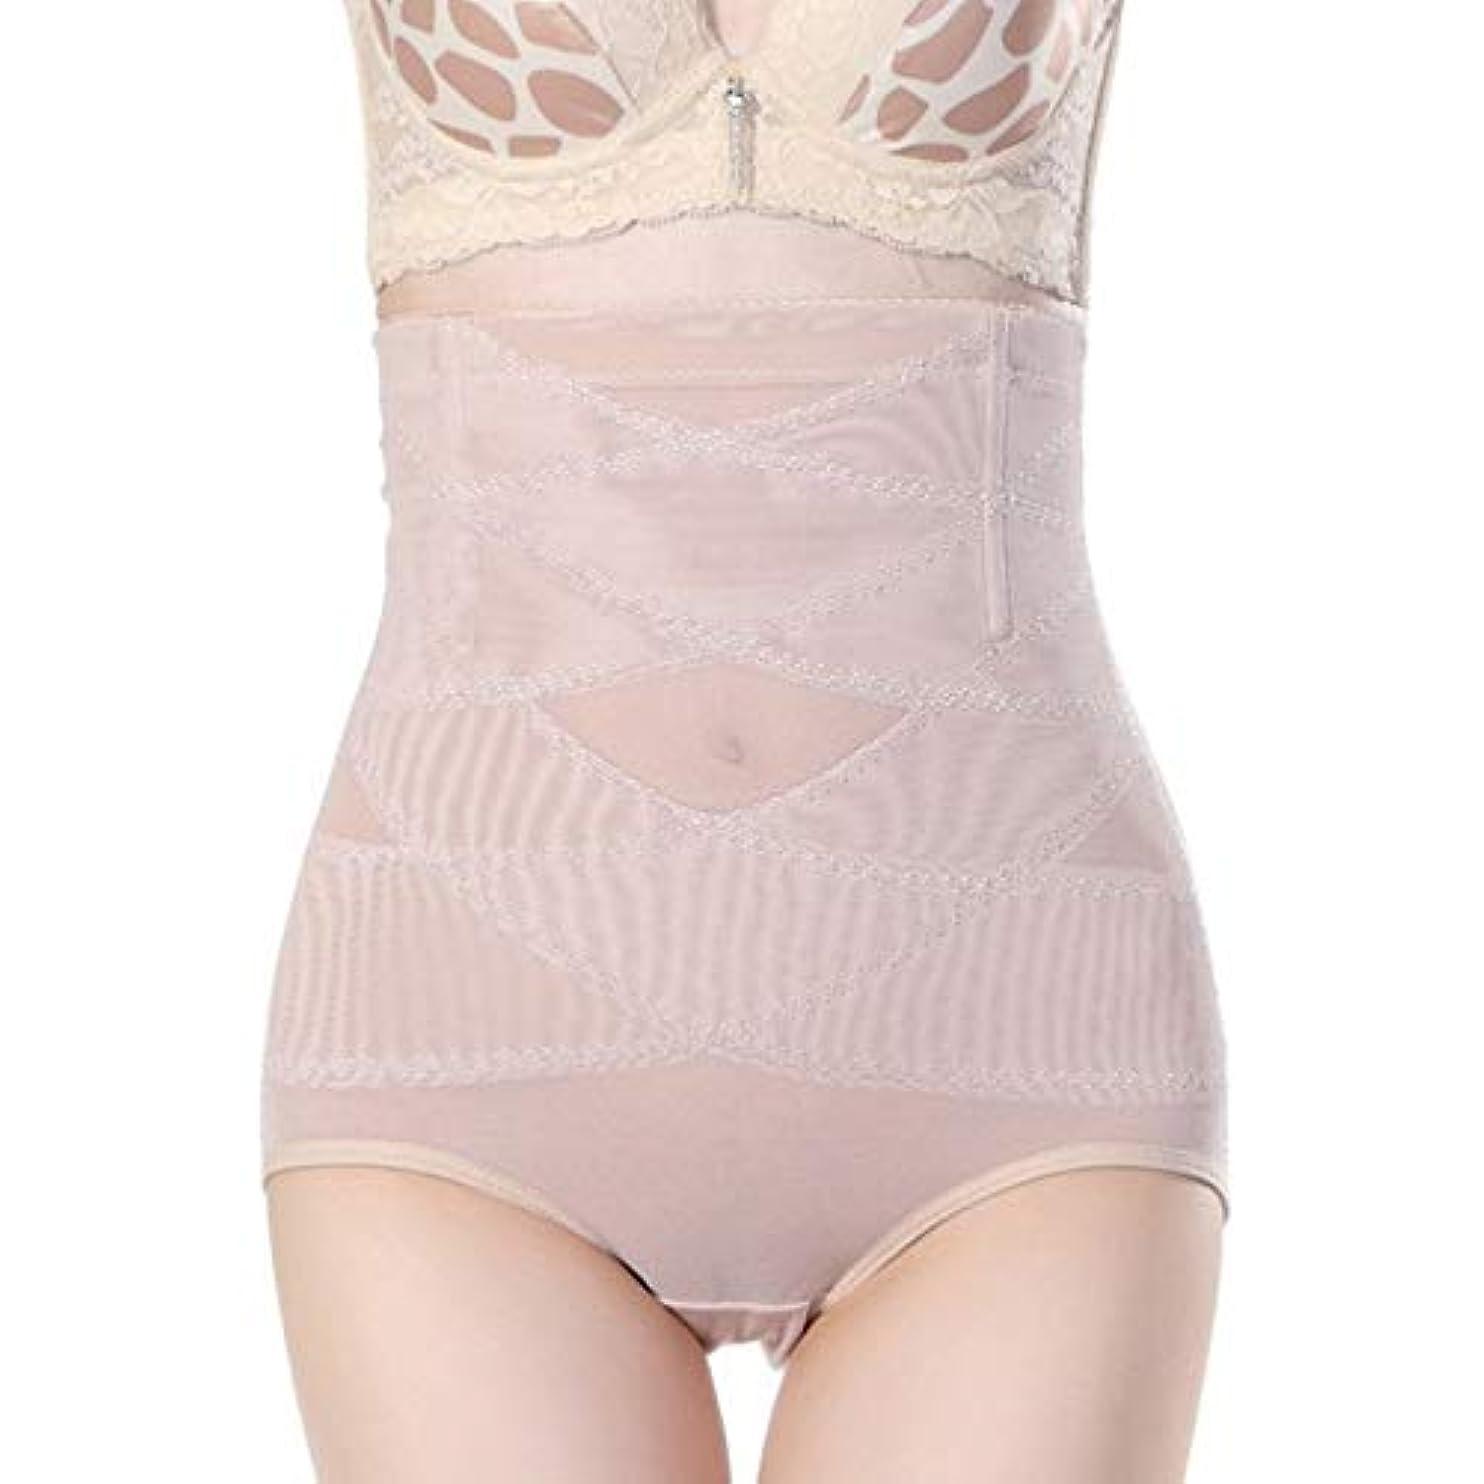 ヒップ欲しいです瞑想的腹部制御下着シームレスおなかコントロールパンティーバットリフターボディシェイパーを痩身通気性のハイウエストの女性 - 肌色3 XL